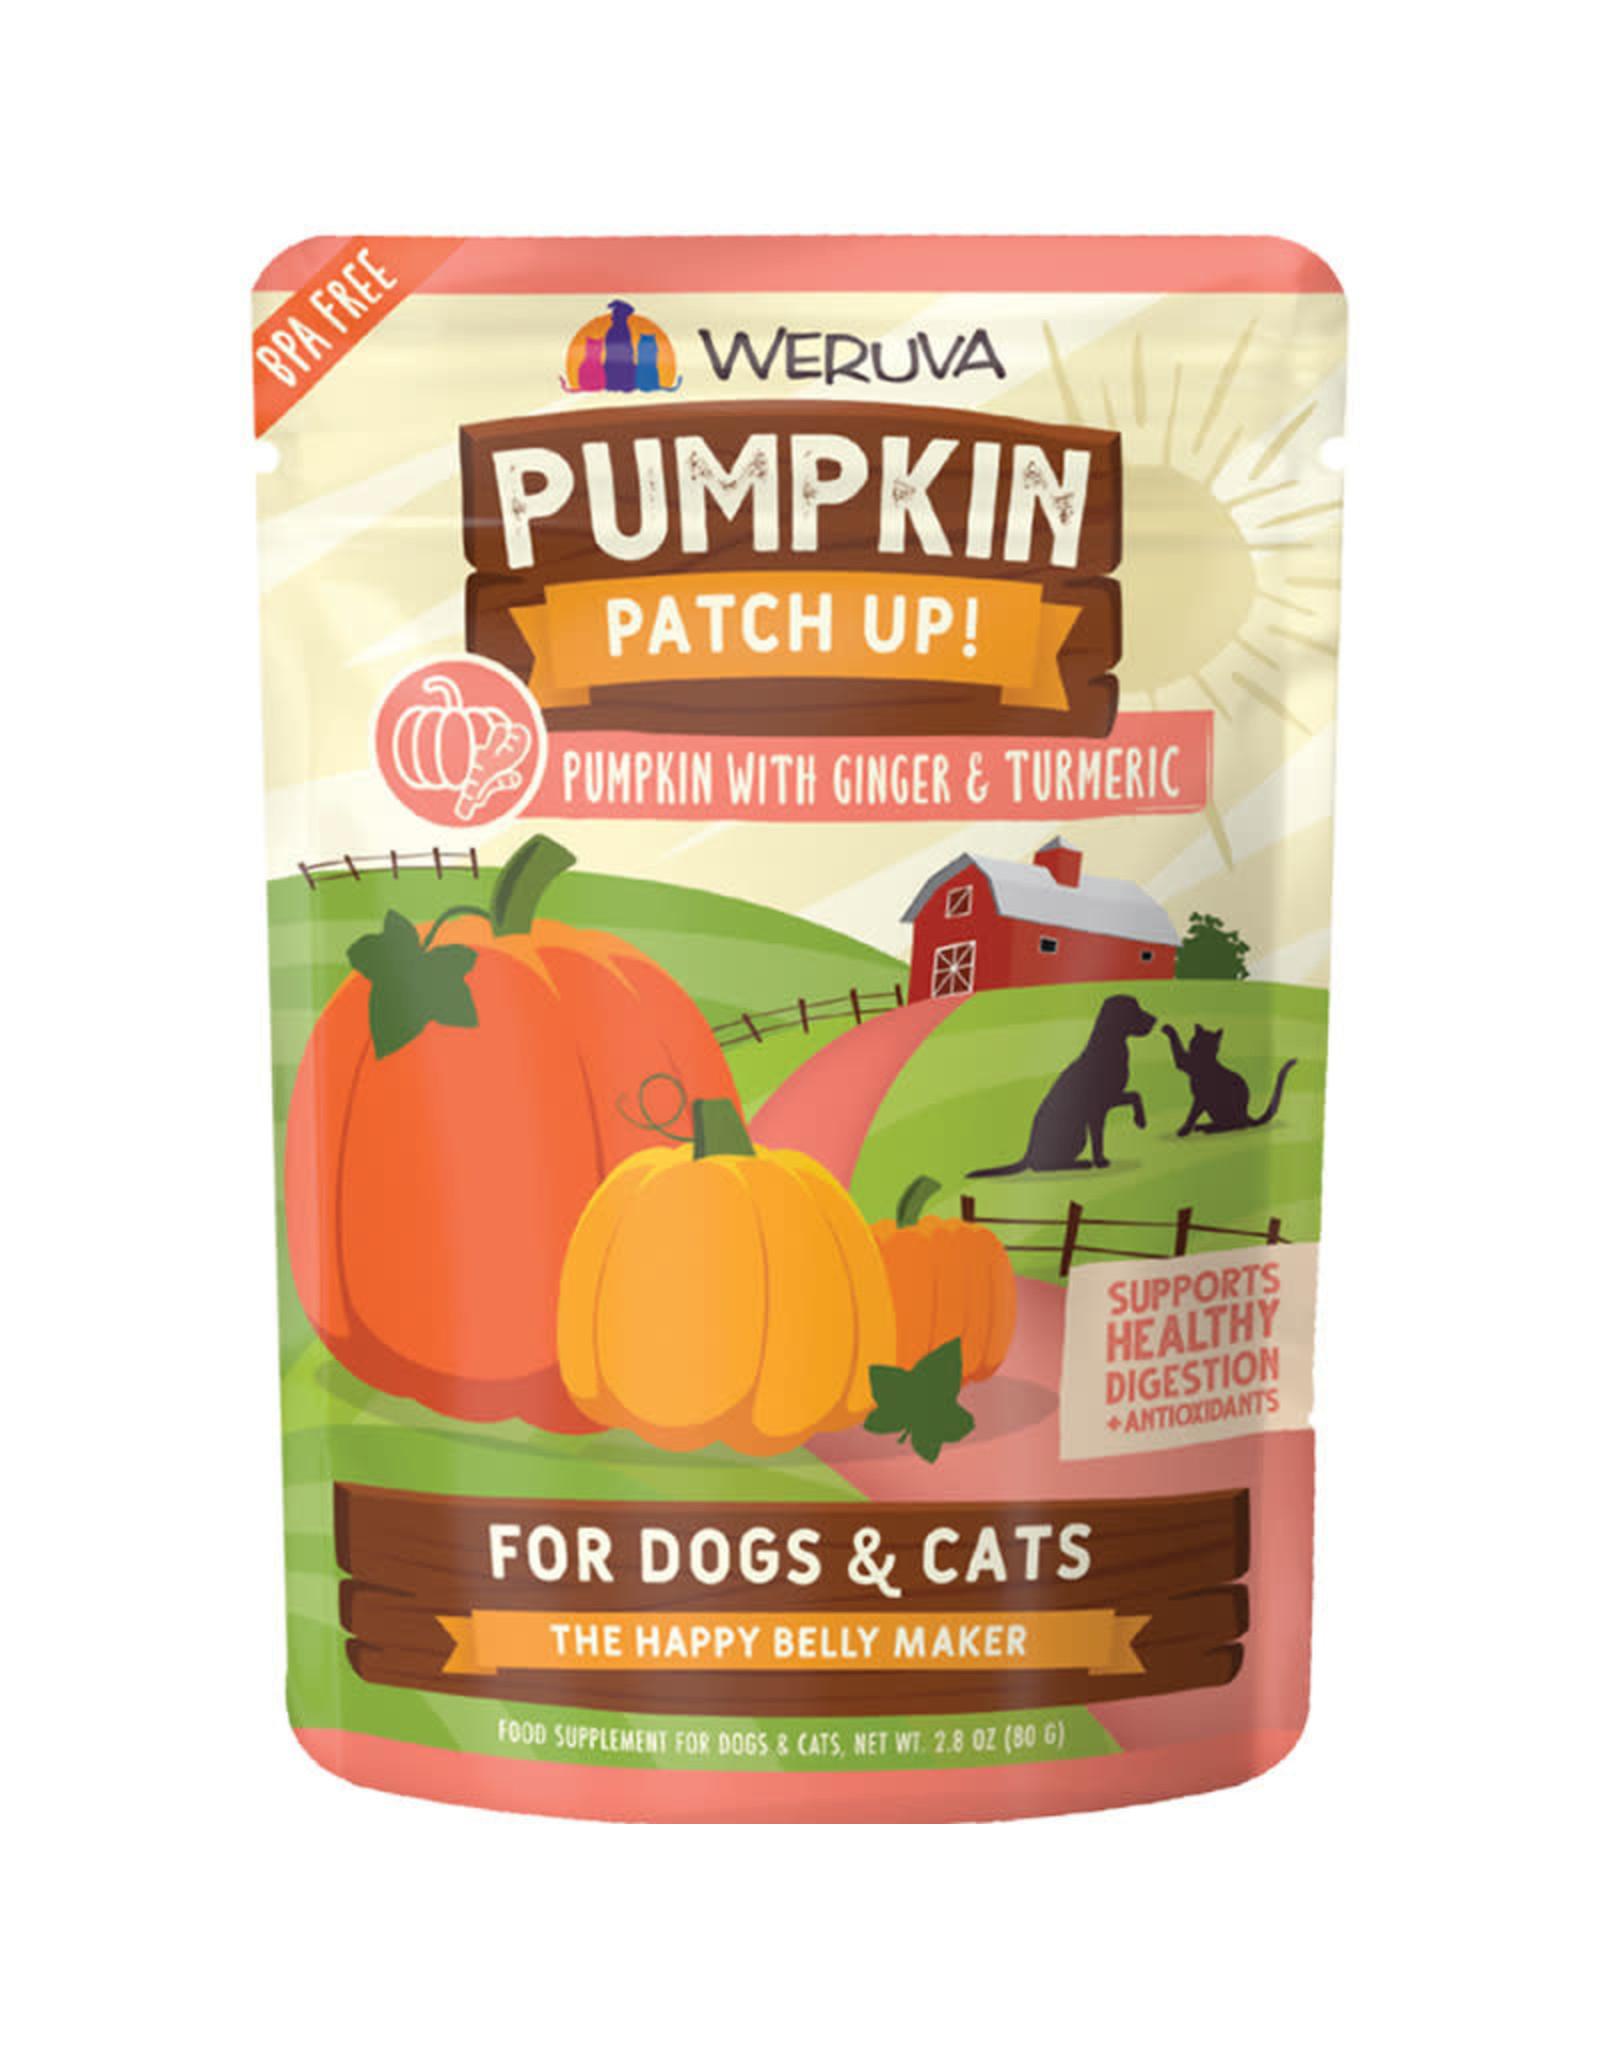 Weruva Weruva Pumpkin Patch Up! Pumpkin with Ginger & Turmeric 2.8oz